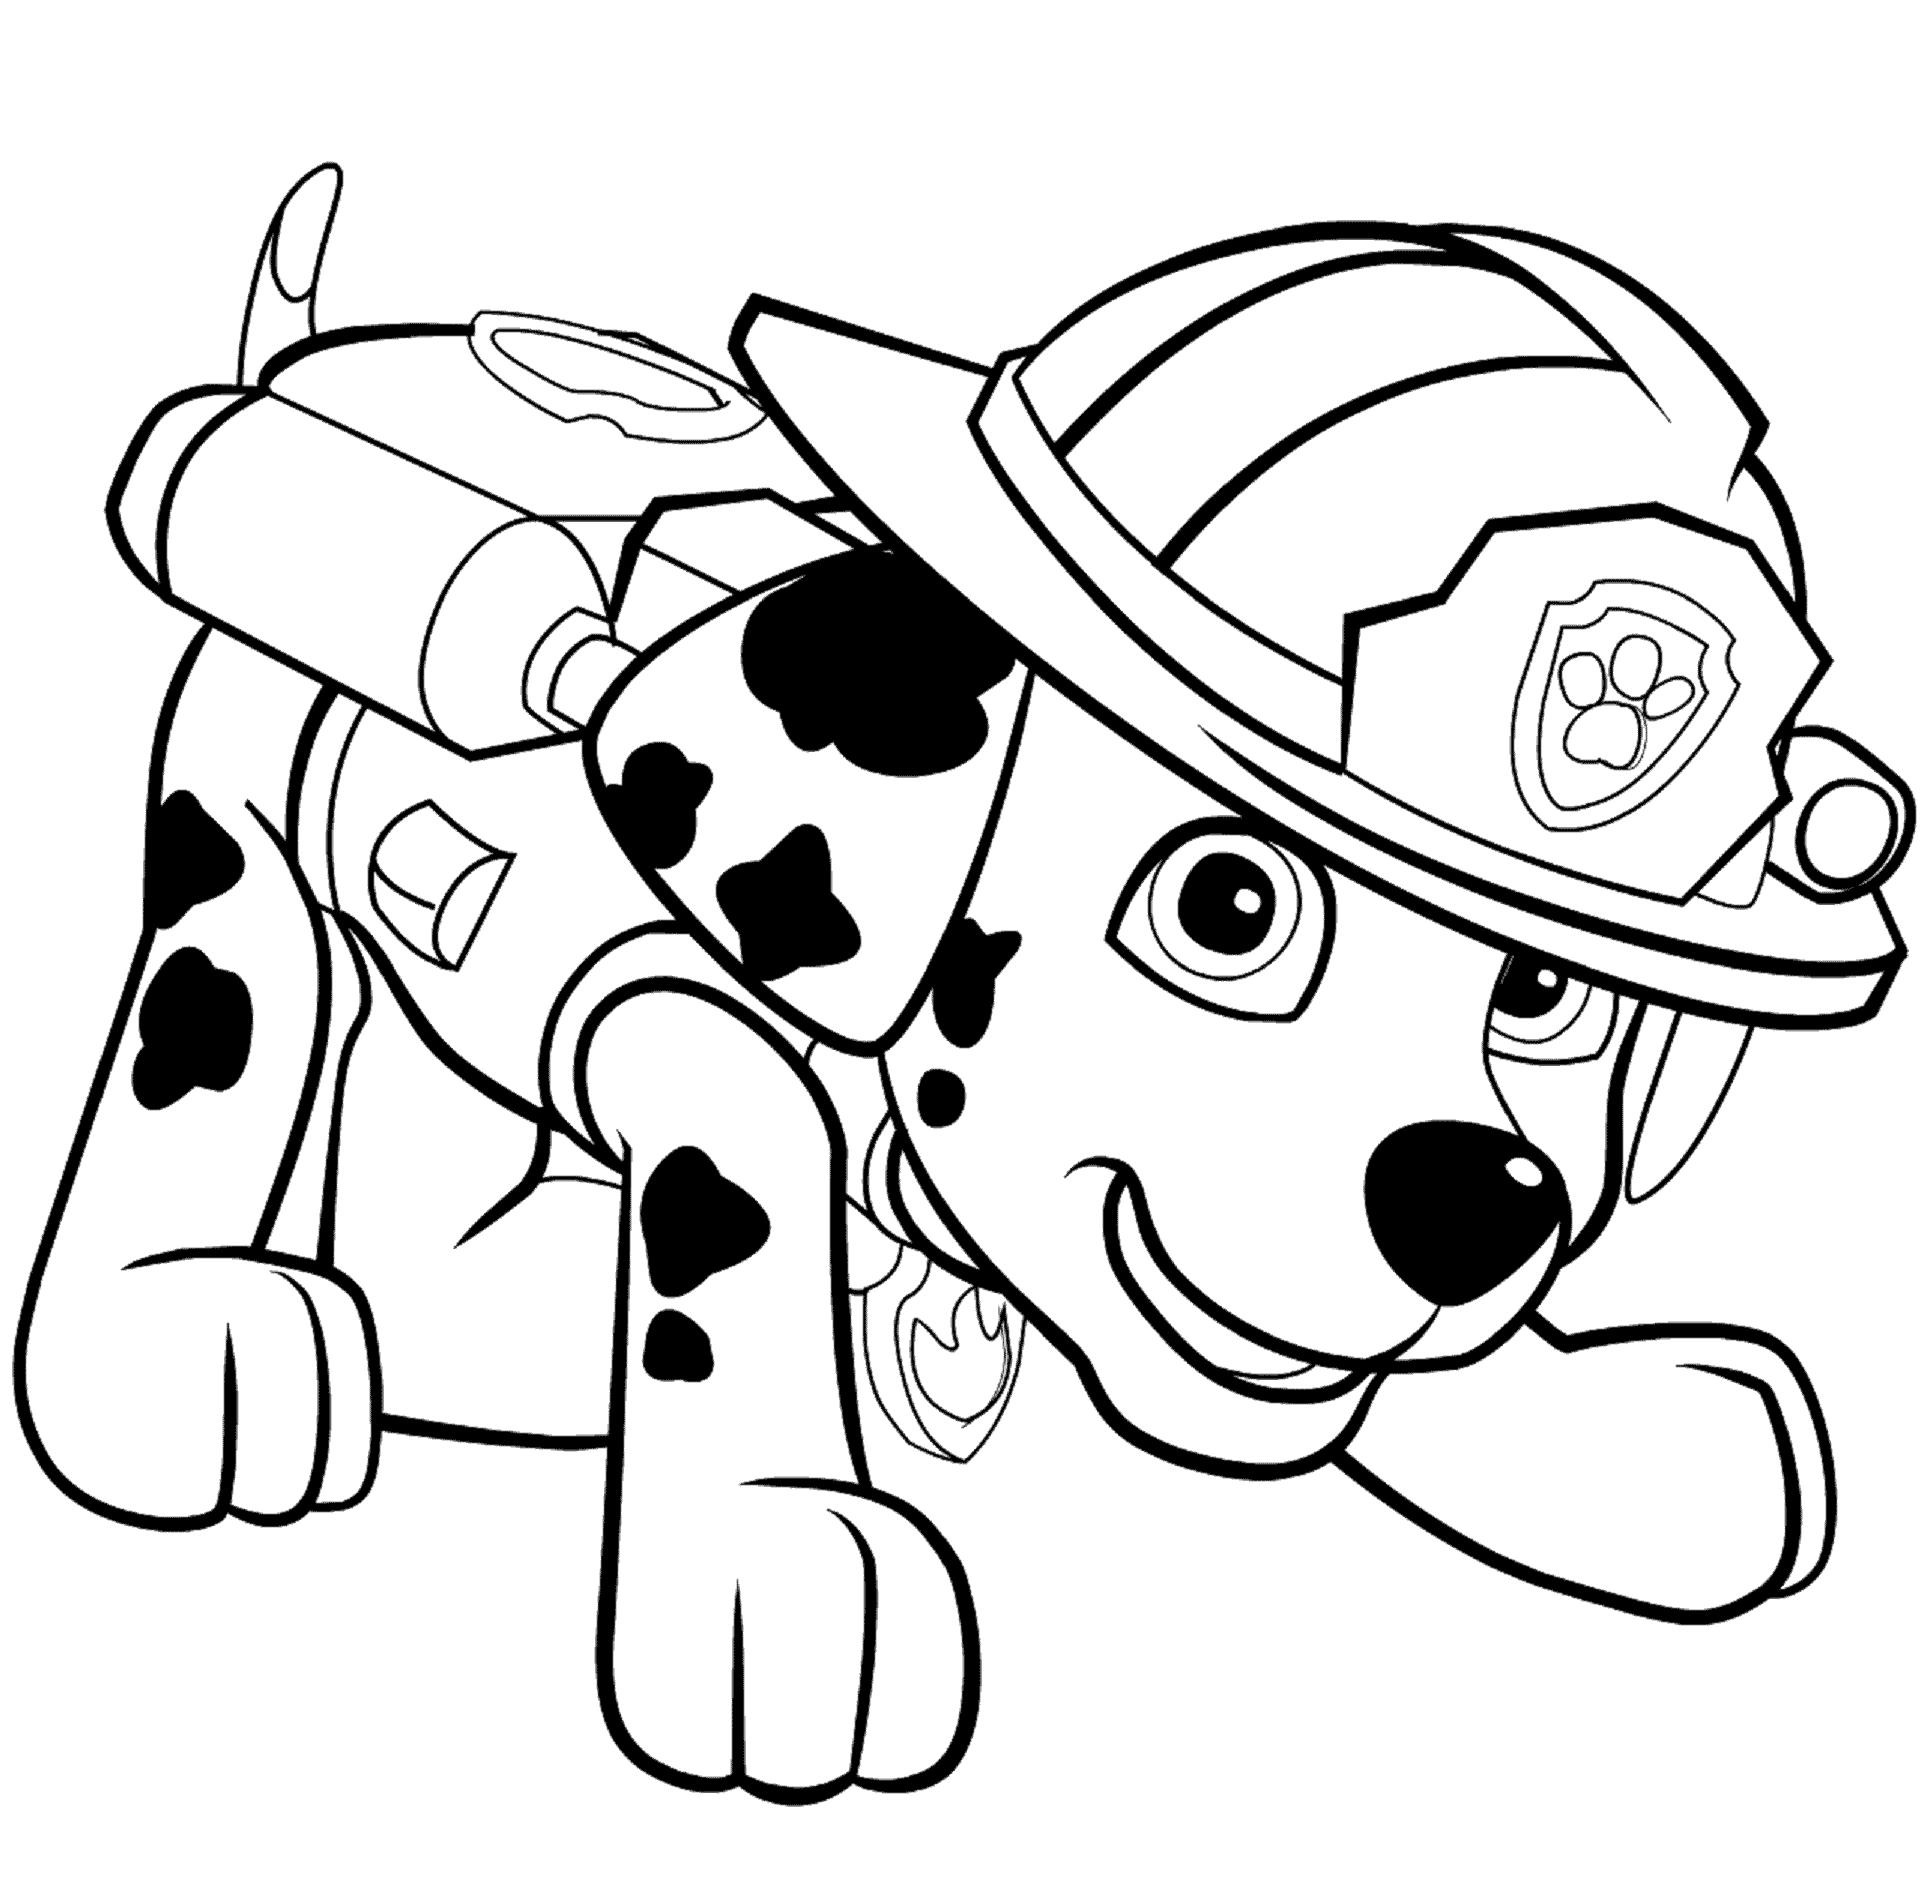 Dibujos de La Patrulla Canina para colorear Marshall